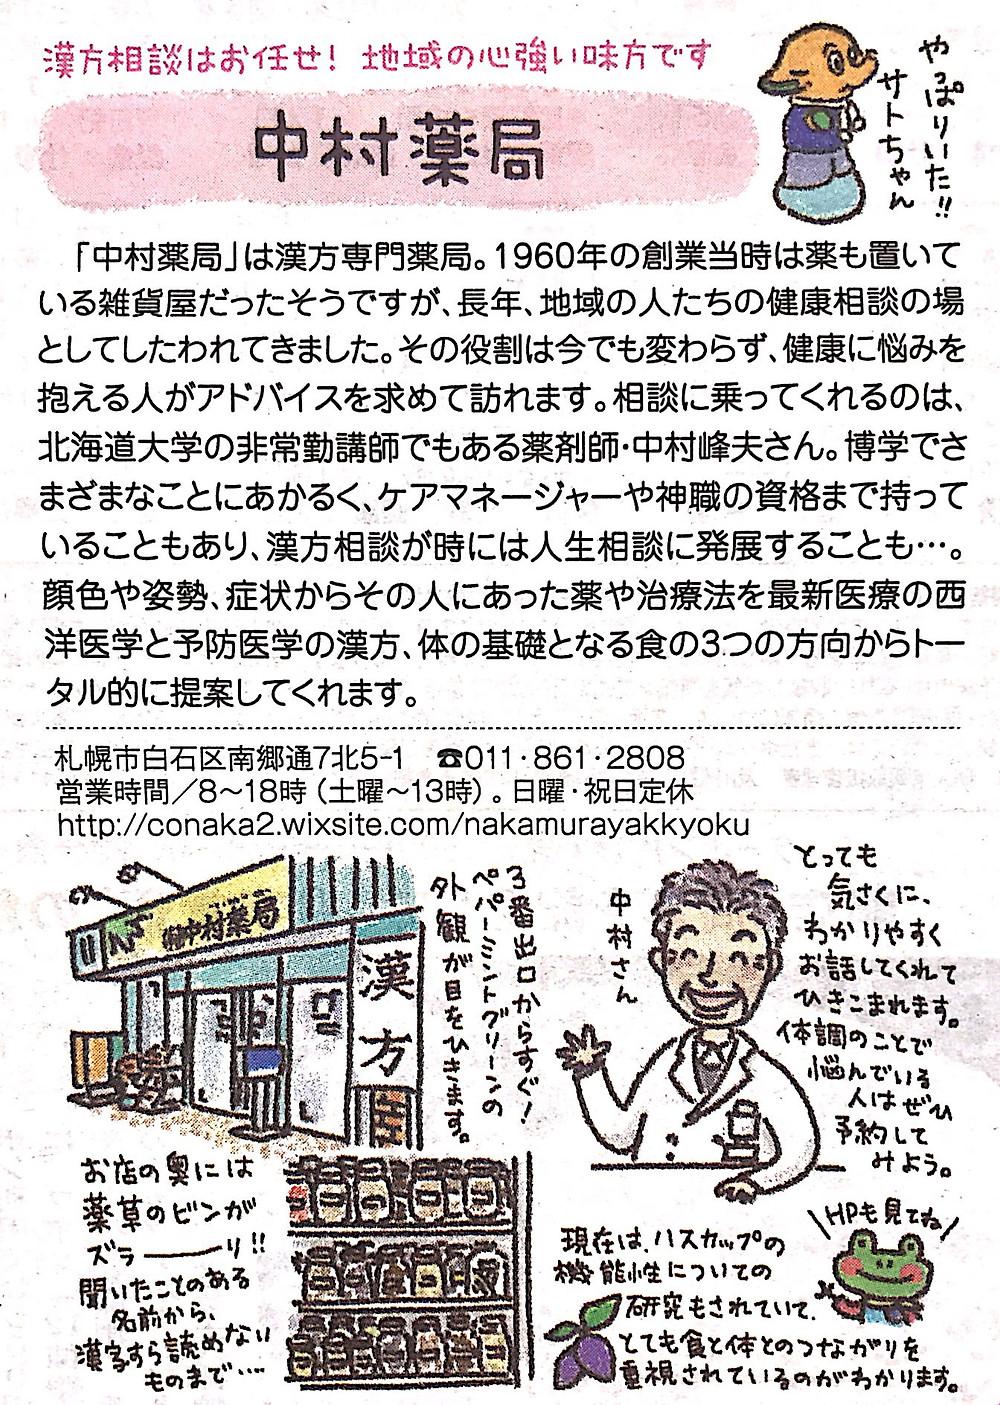 札幌 漢方 薬局 認定薬剤師 有名 口コミ